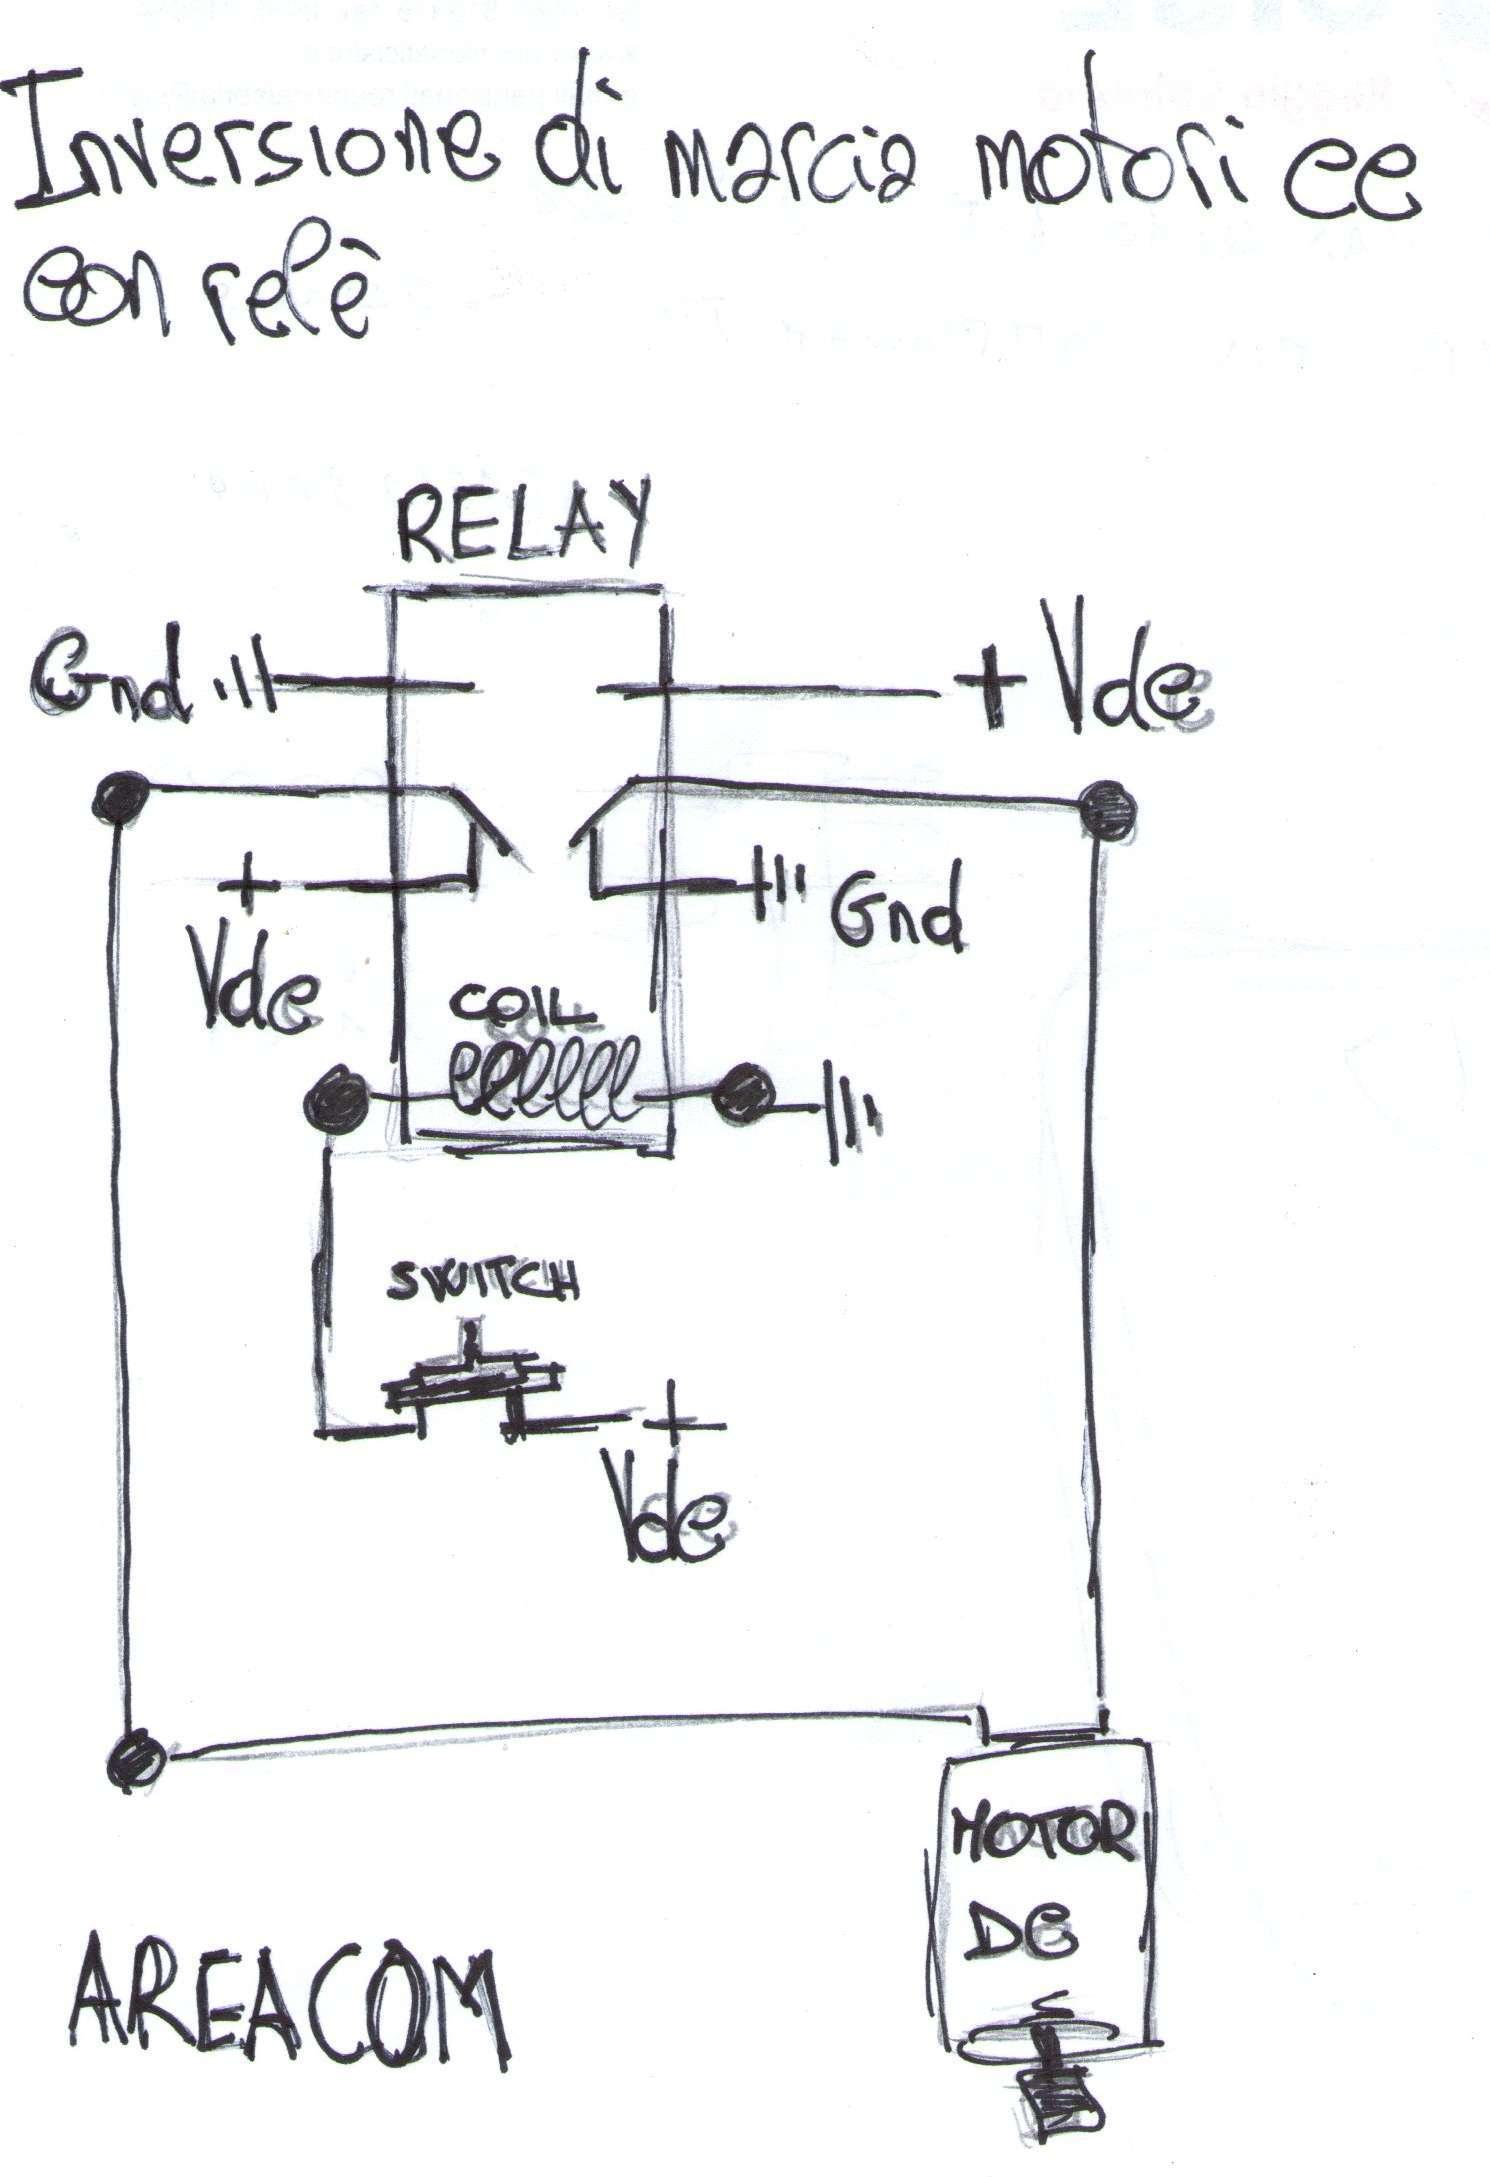 Schema Elettrico Marcia Arresto : Abbassare la tensione con un condensatore areacom